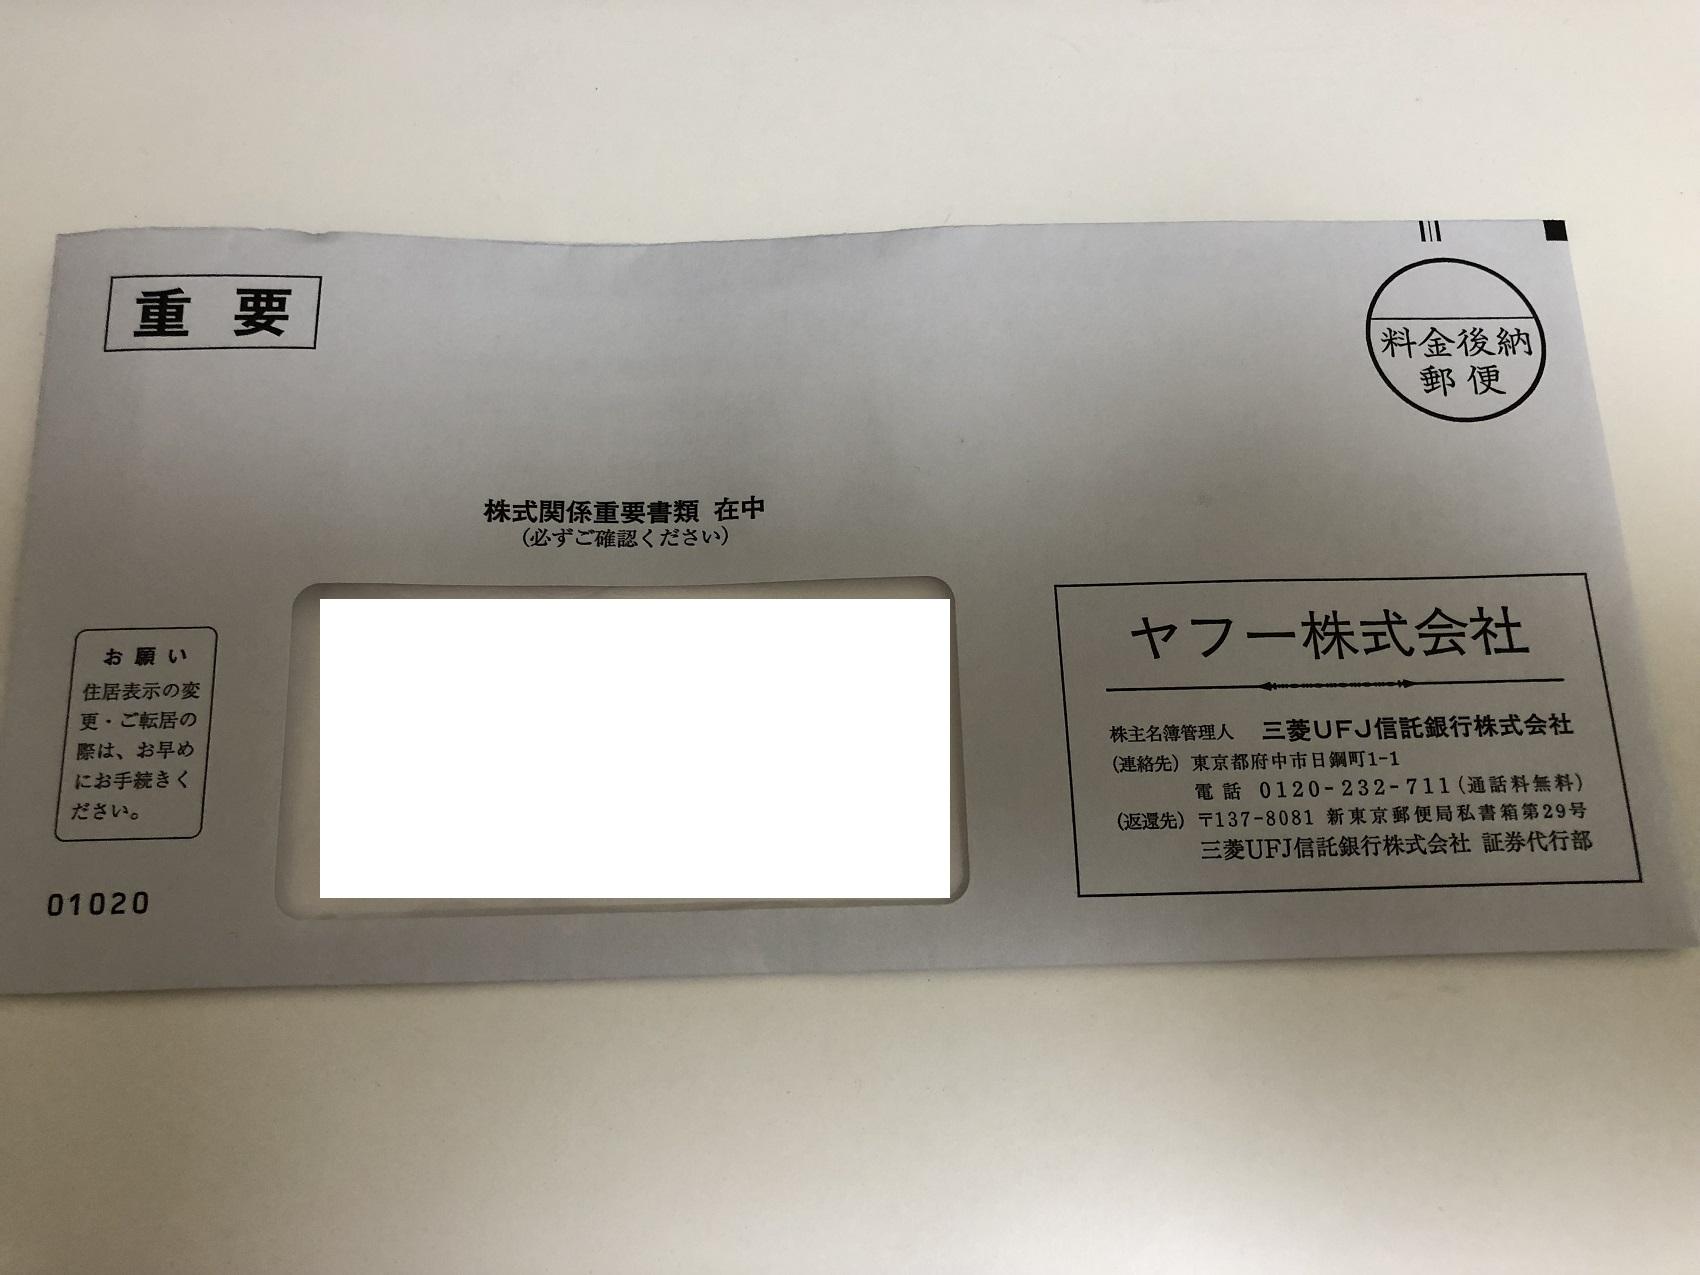 ヤフー株式会社(4689)第23期(2017年4月1日~2018年3月31日)期末配当金